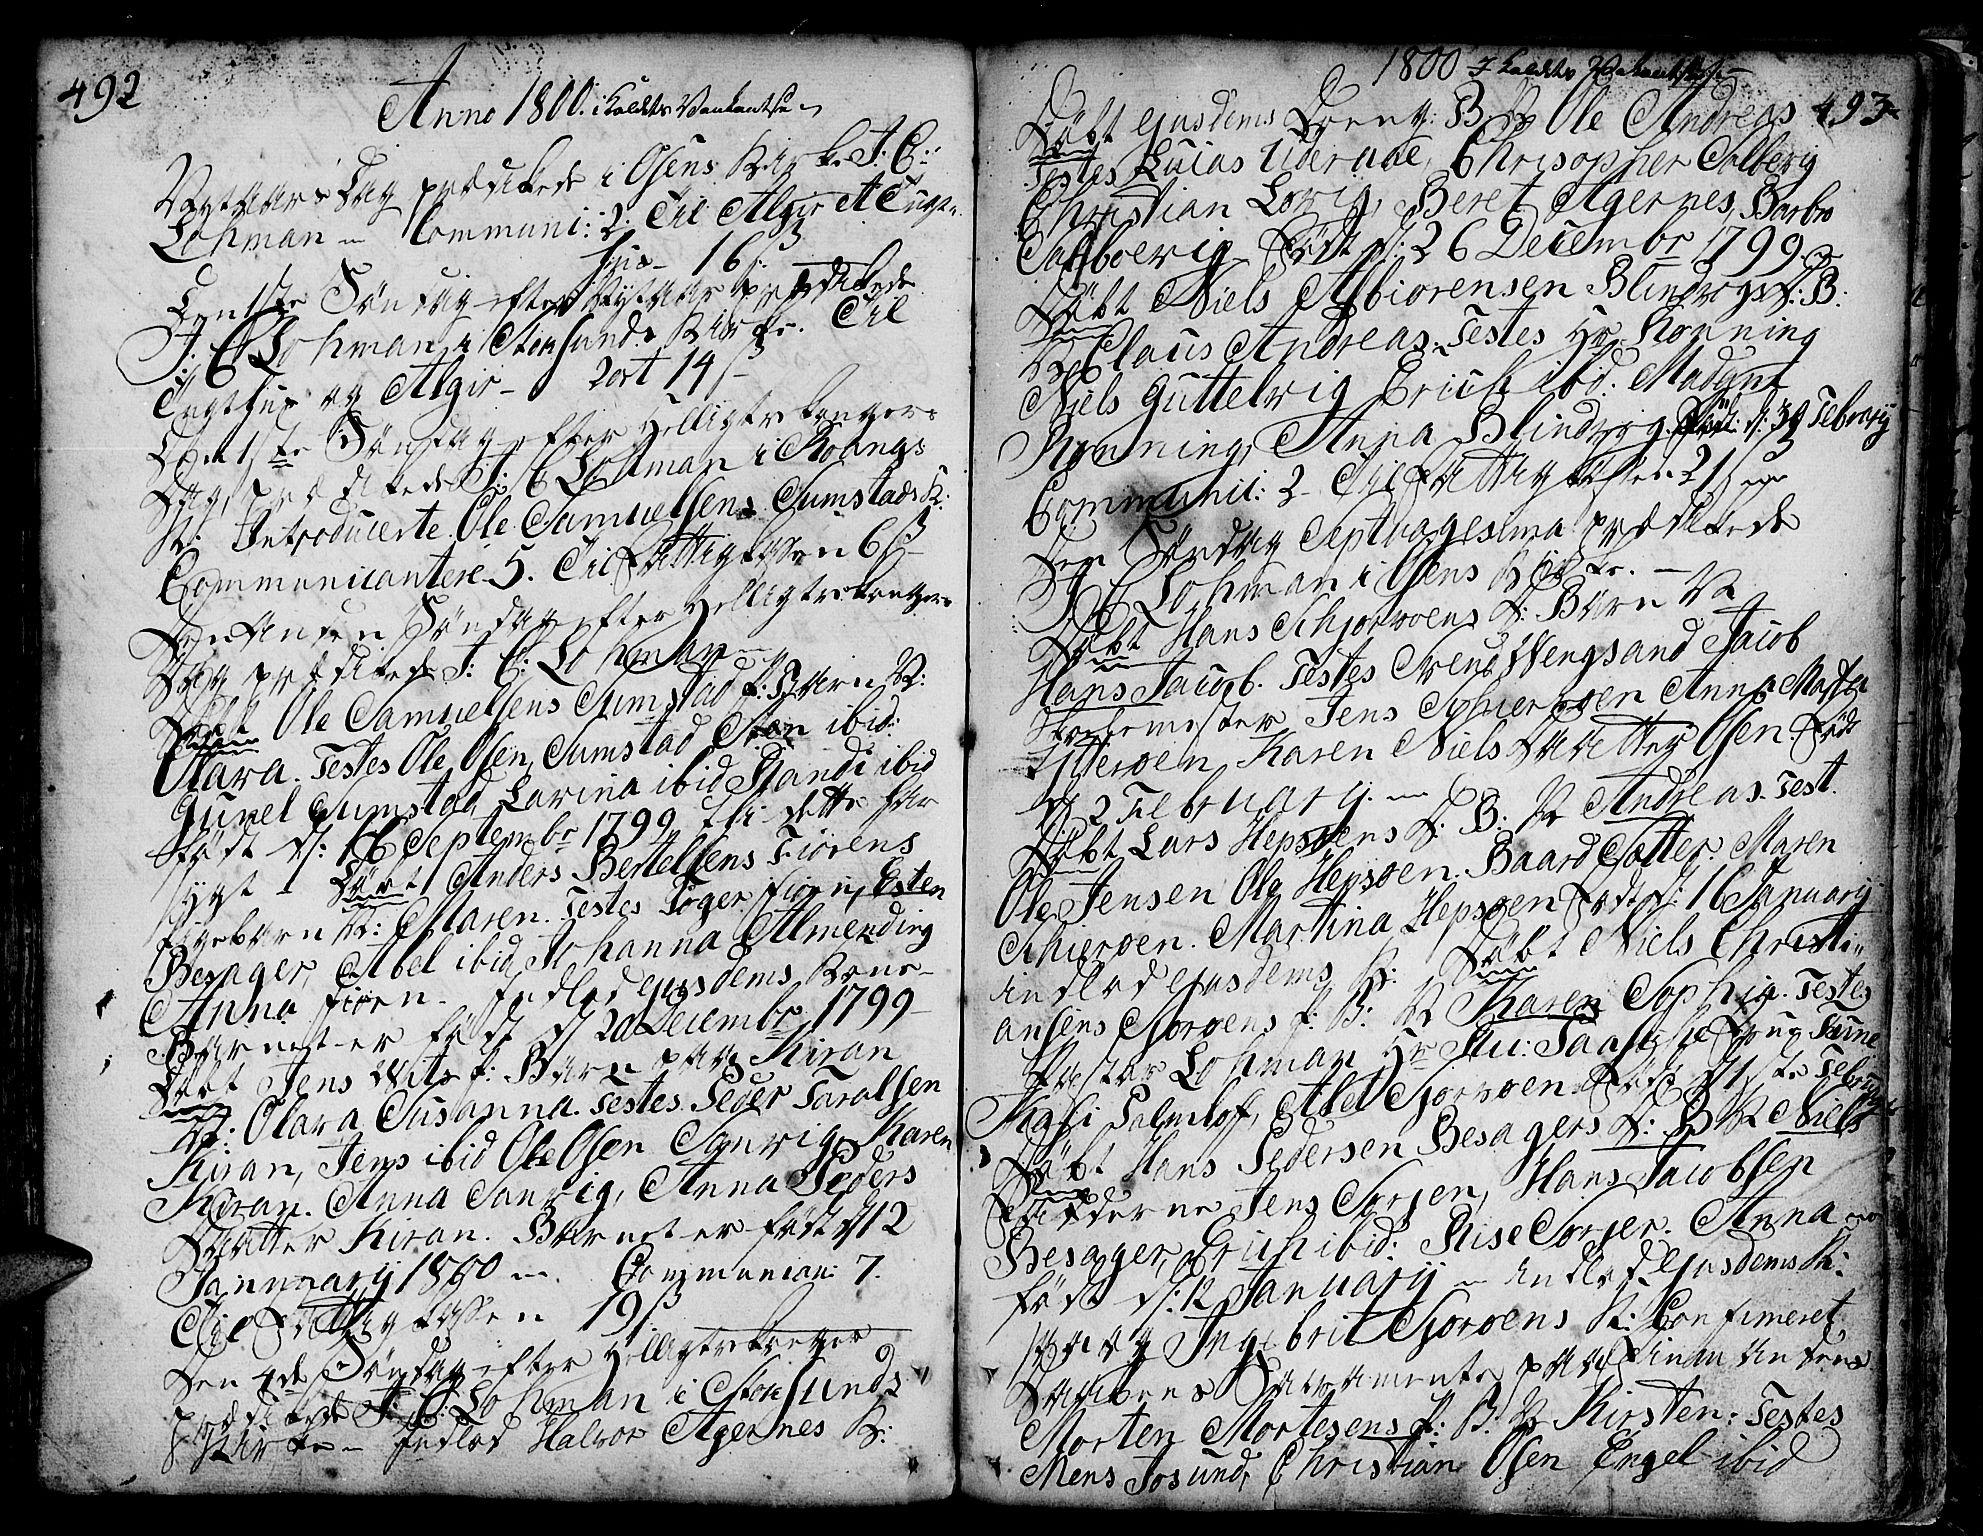 SAT, Ministerialprotokoller, klokkerbøker og fødselsregistre - Sør-Trøndelag, 657/L0700: Ministerialbok nr. 657A01, 1732-1801, s. 492-493